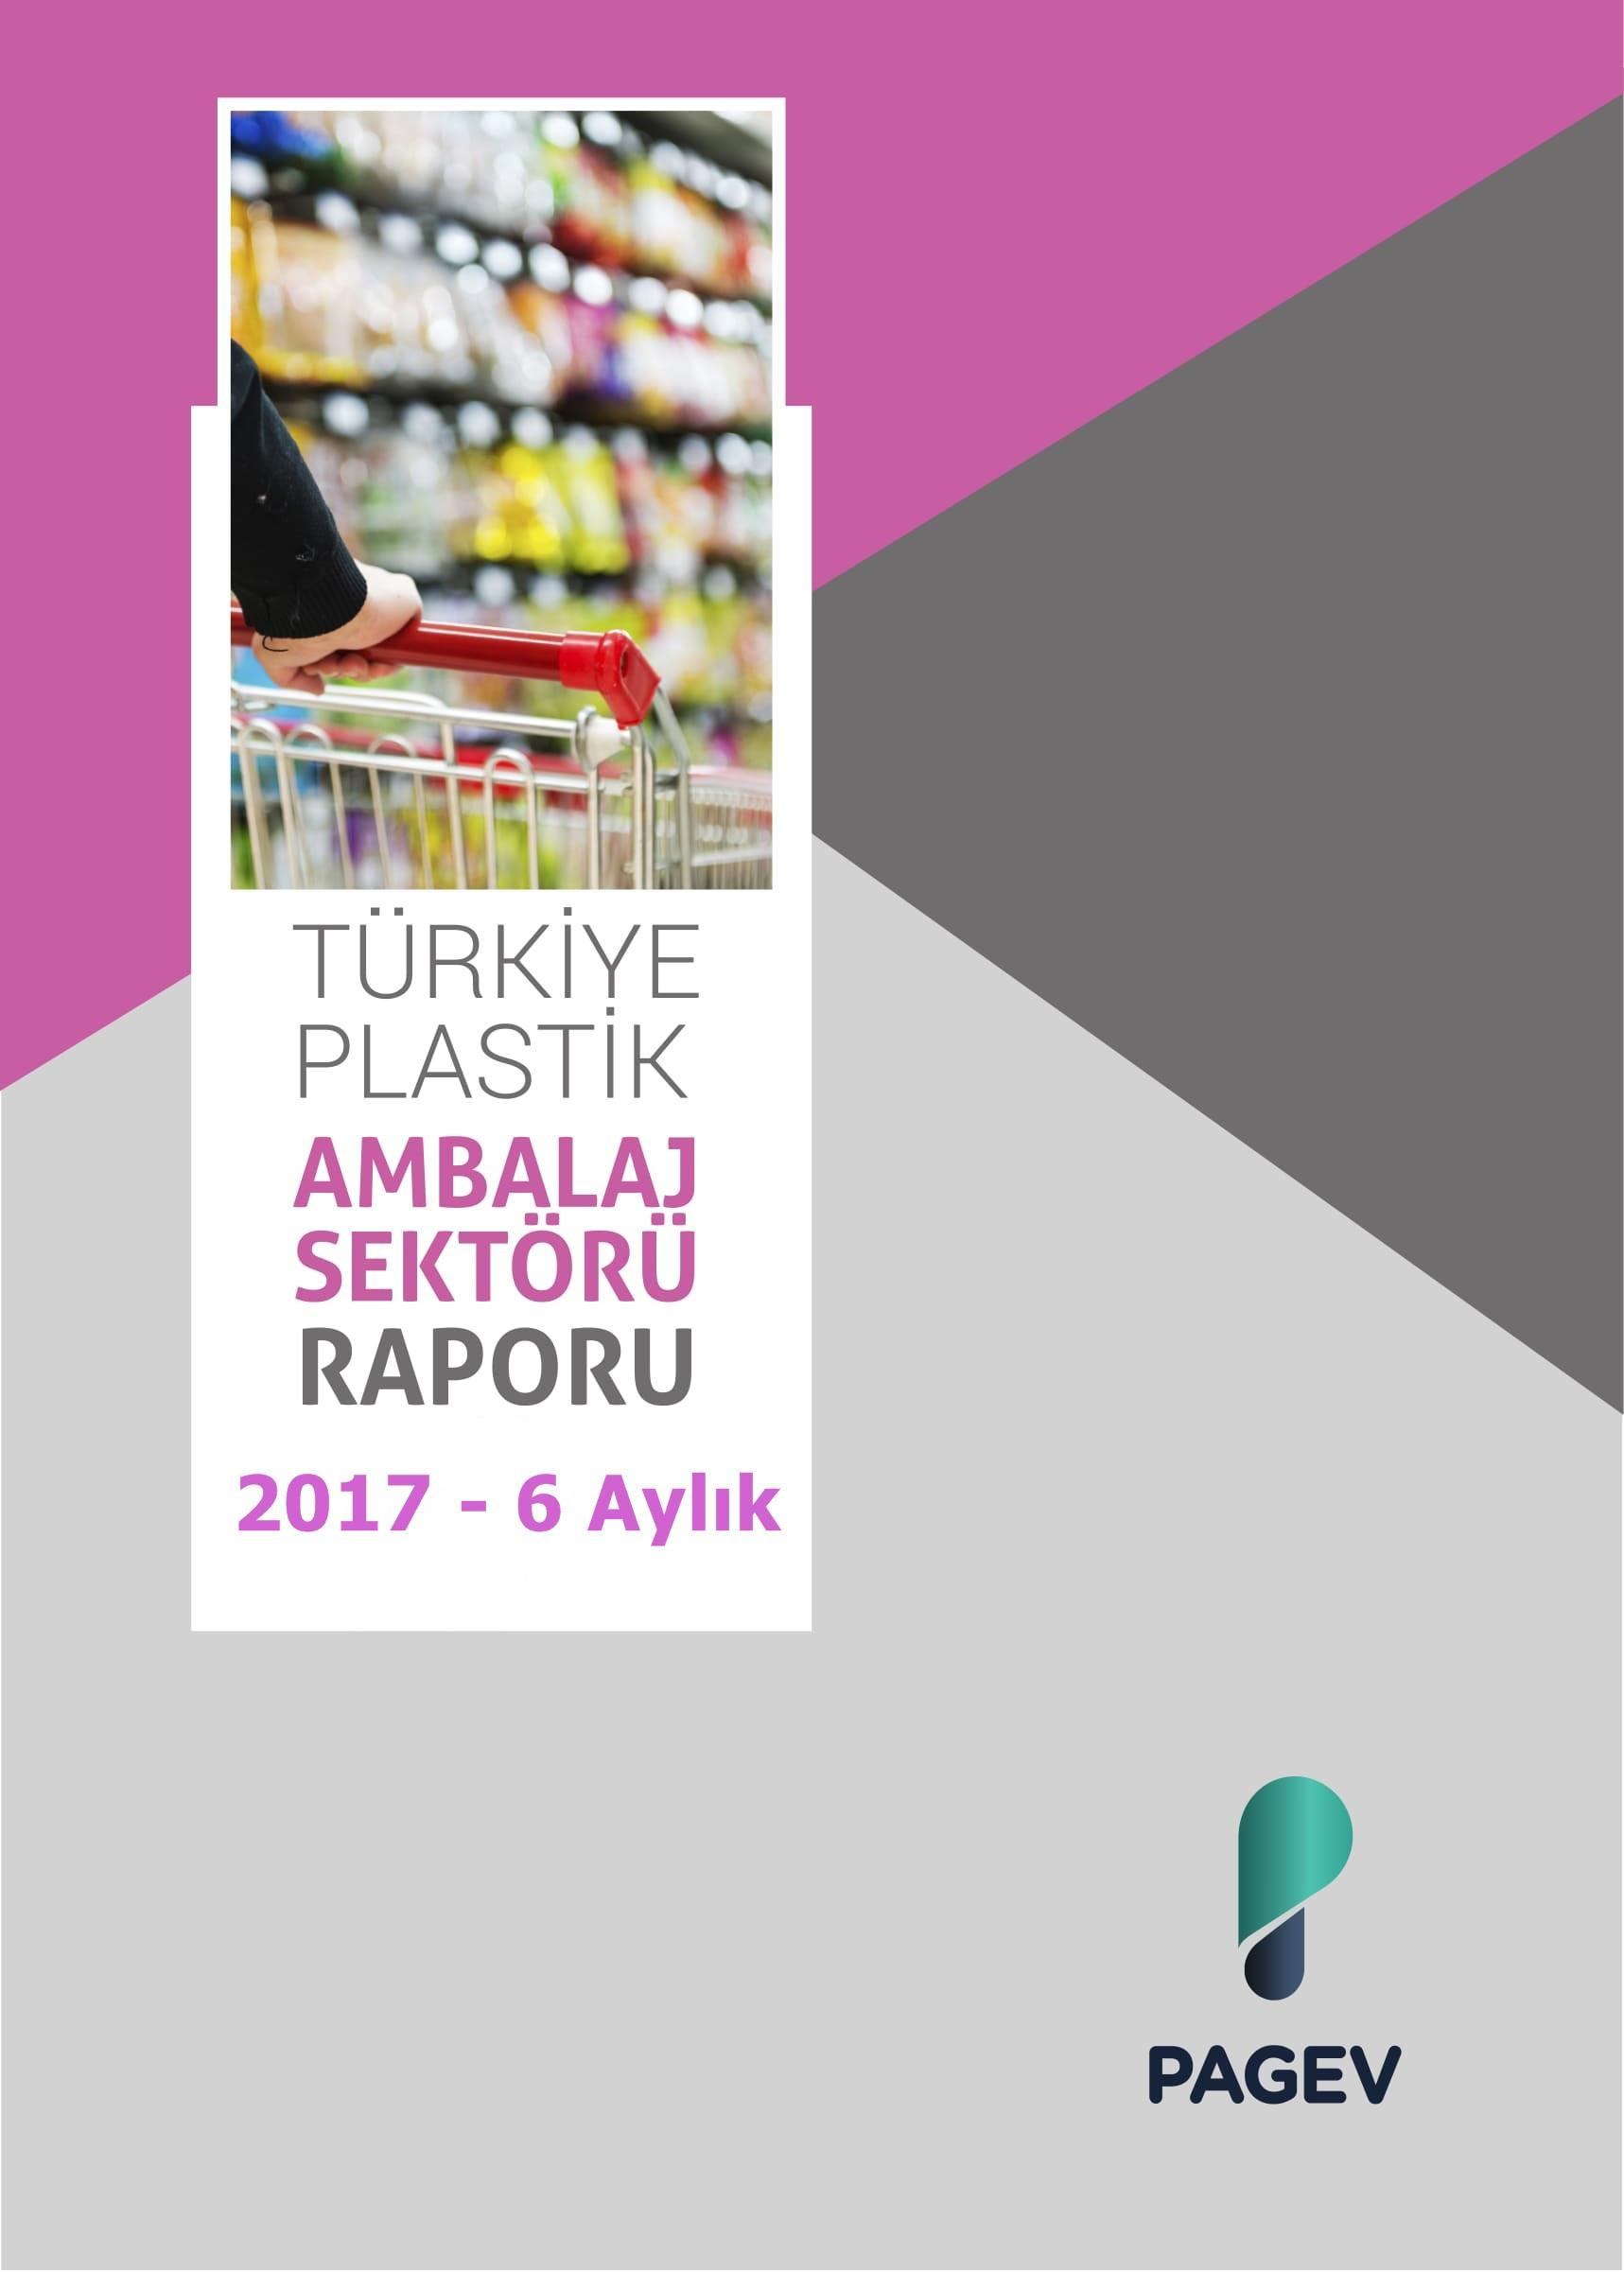 Türkiye Plastik Ambalaj Malzemeleri Sektör Raporu 2017 - 6 Aylık